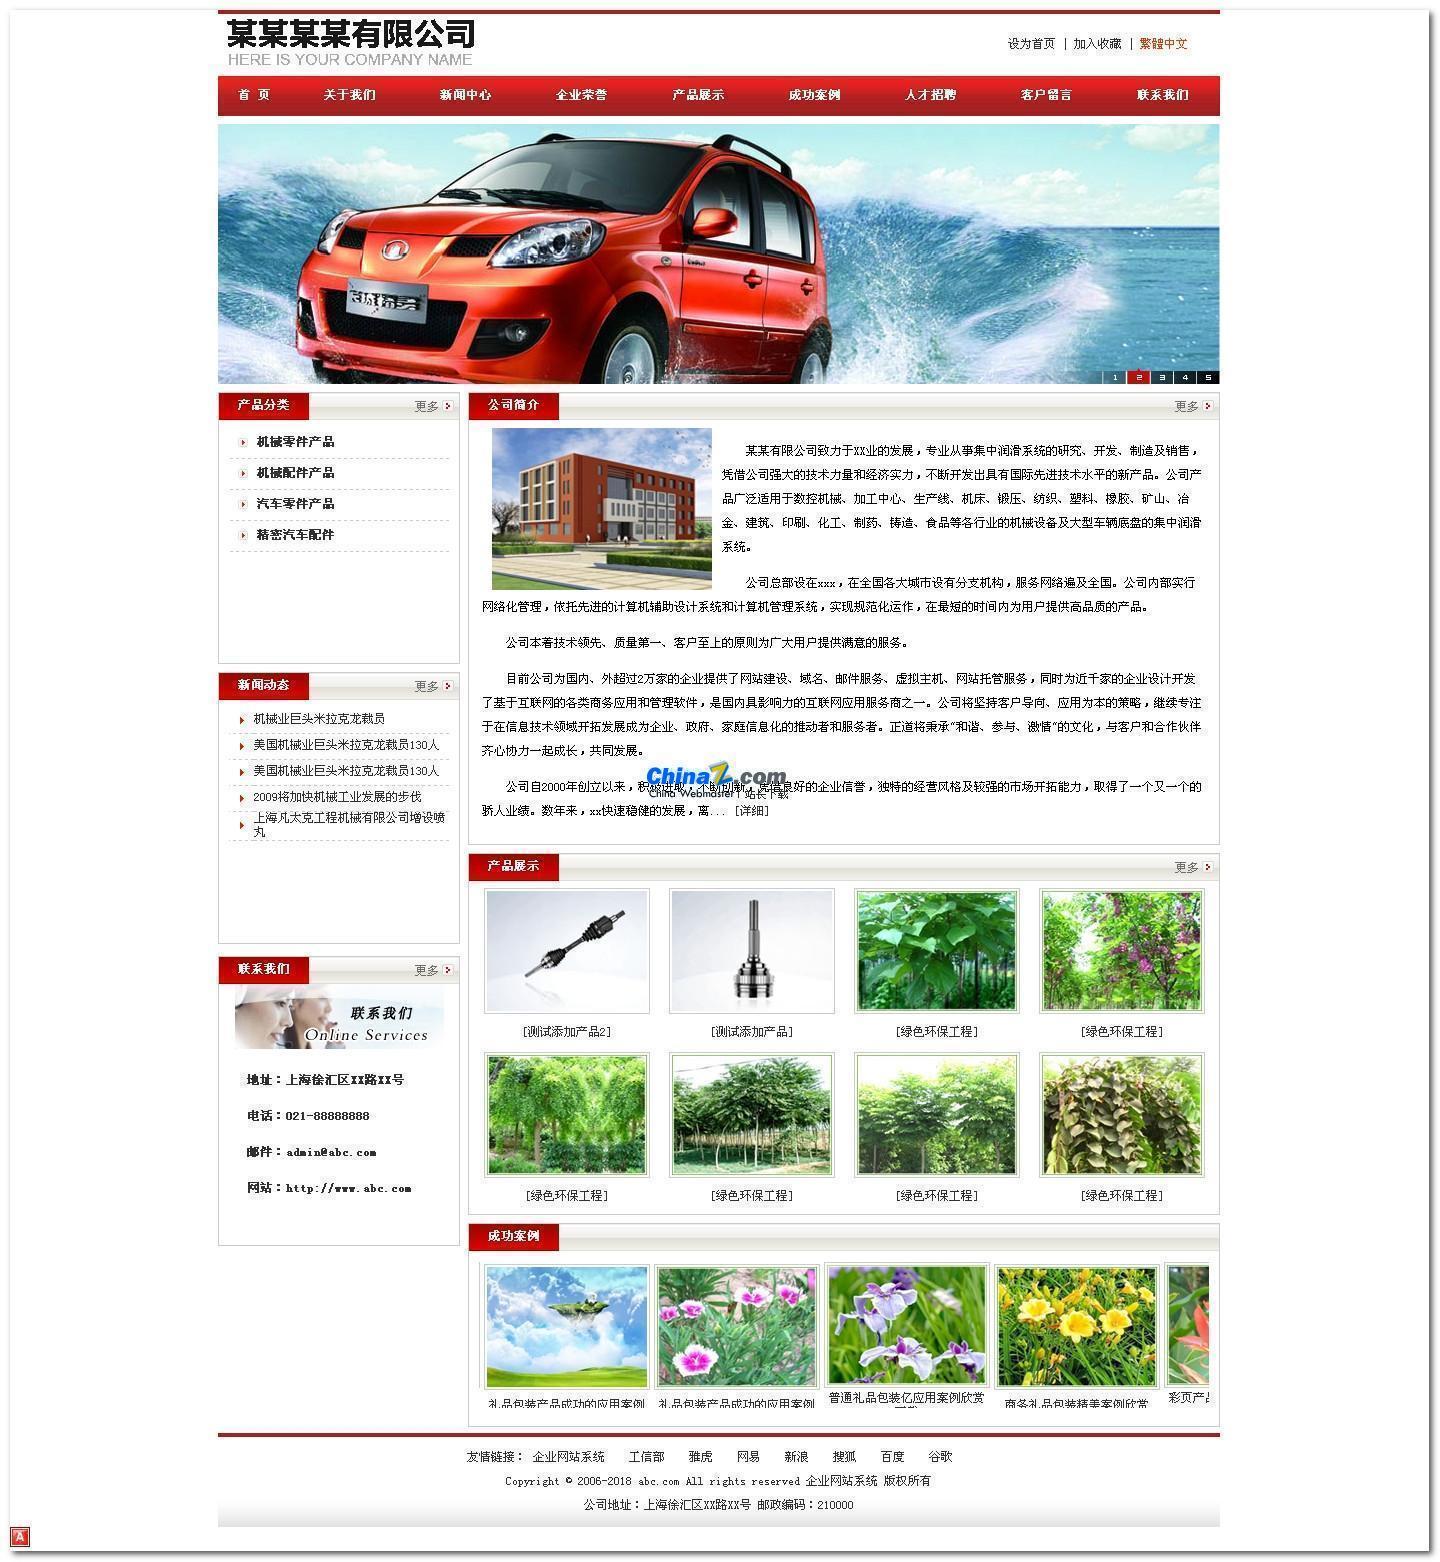 红色网新企业网站管理系统